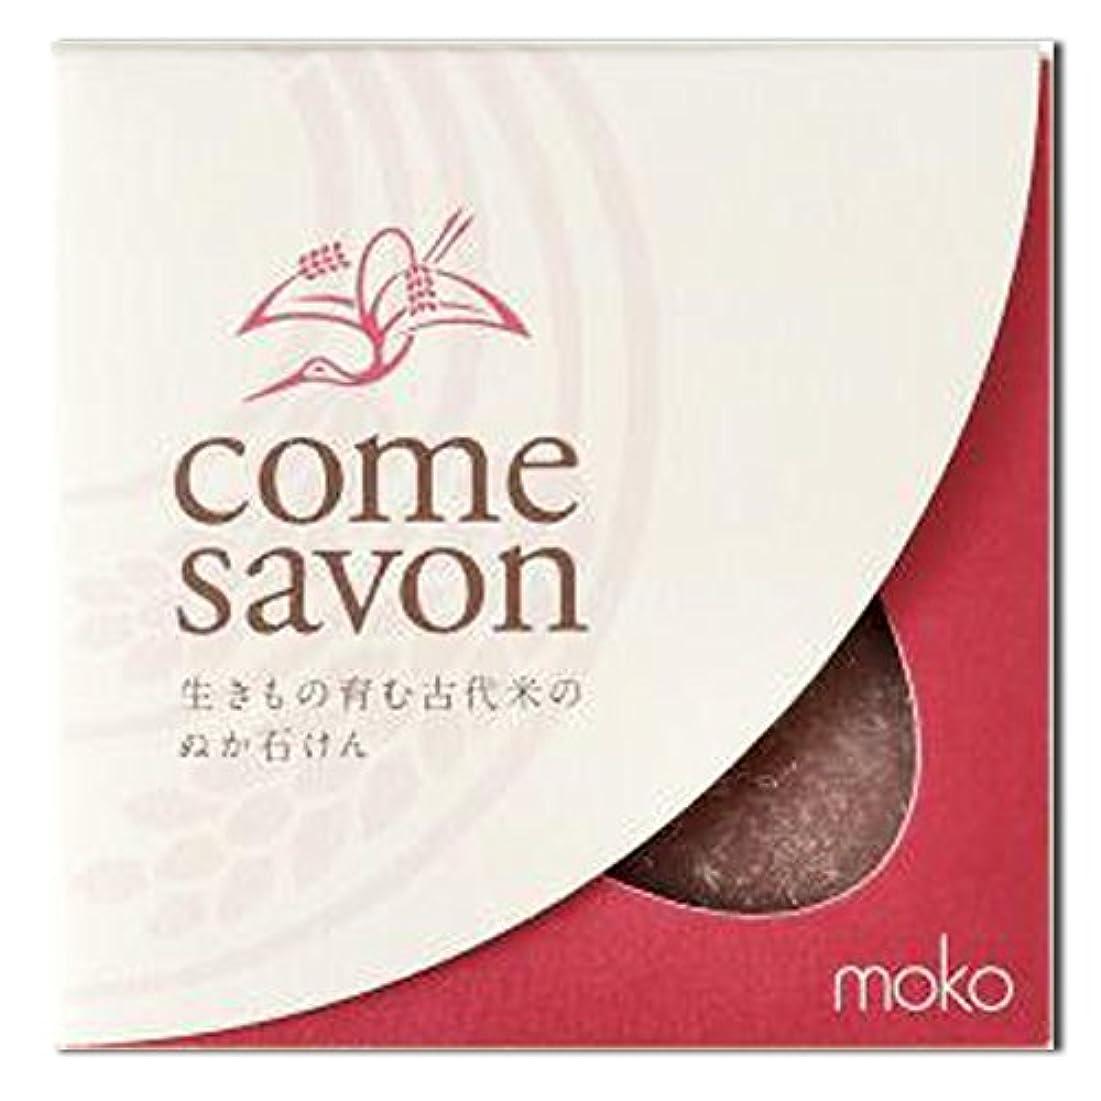 ペンス幸運な重大無添加手作り石けんcome savon 紅 しっとりタイプ